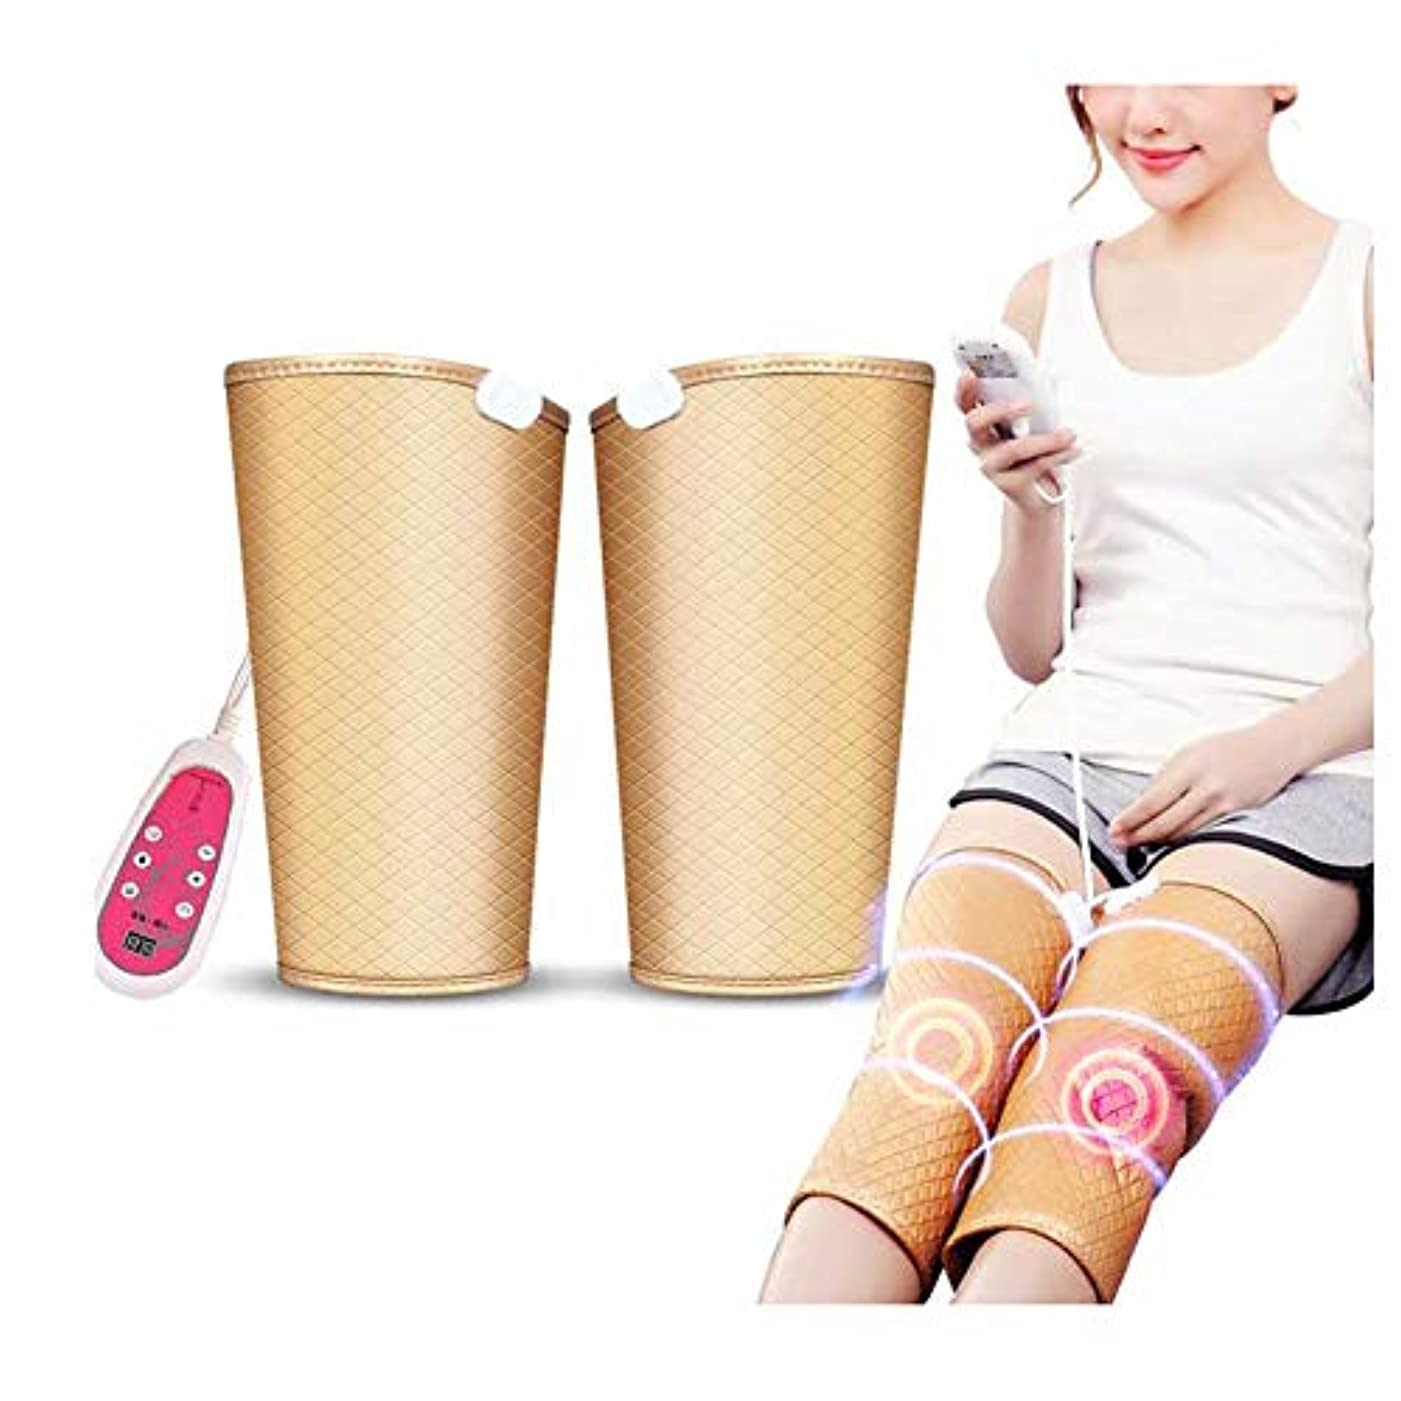 公然とメカニックリスキーな9種類のマッサージモードと5種類の速度を備えた加熱式膝装具-膝治療用膝セラピーマッサージャー-加熱膝パッド